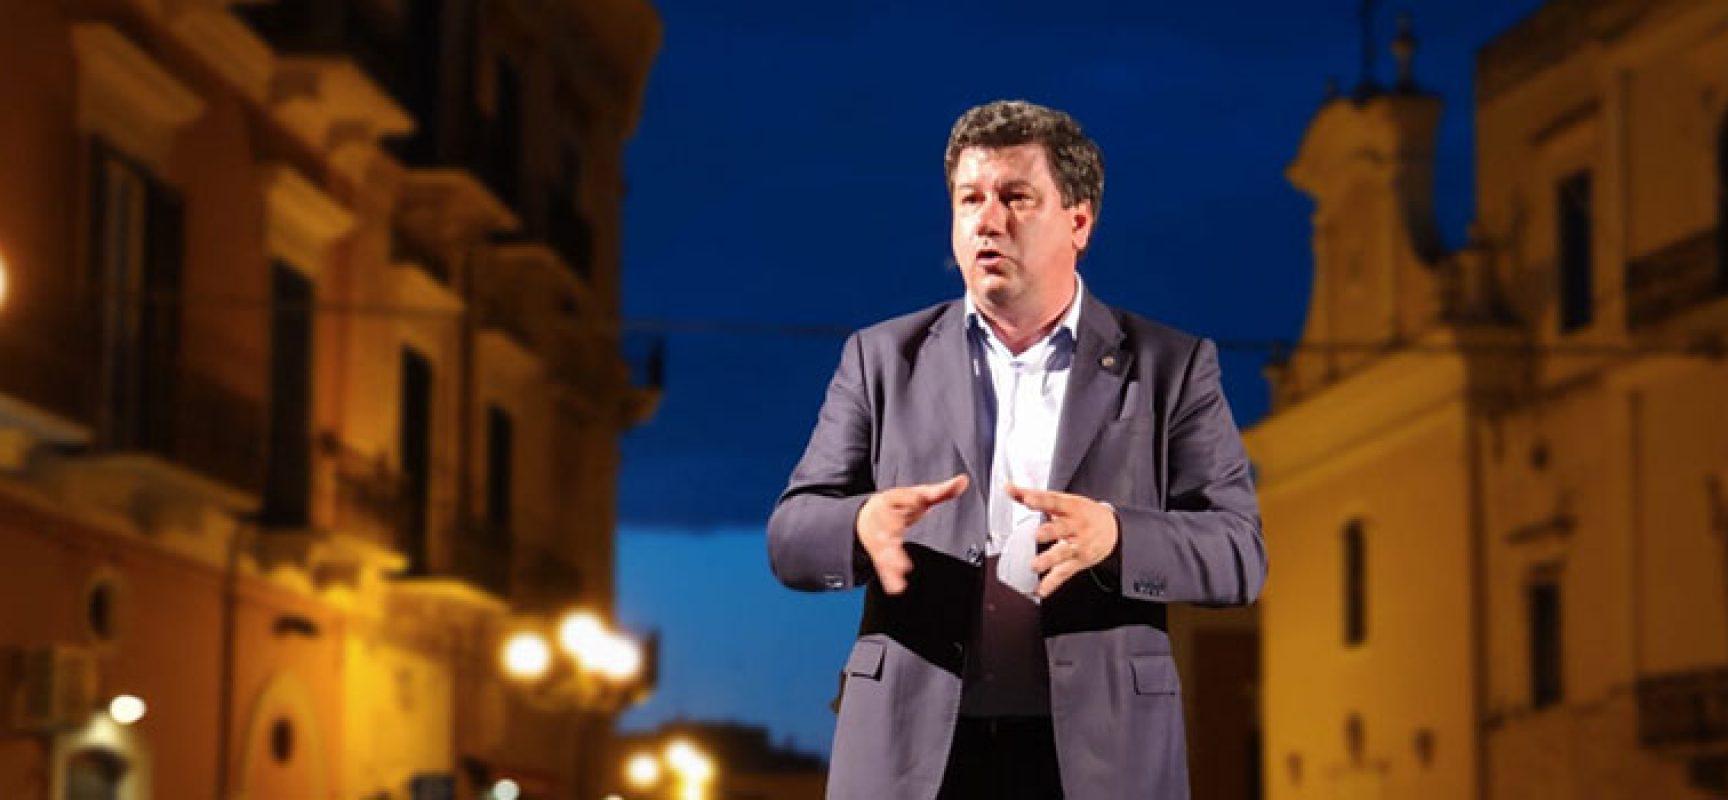 Sergio Silvestris ringrazia i suoi elettori e fa gli auguri a tutti gli eletti